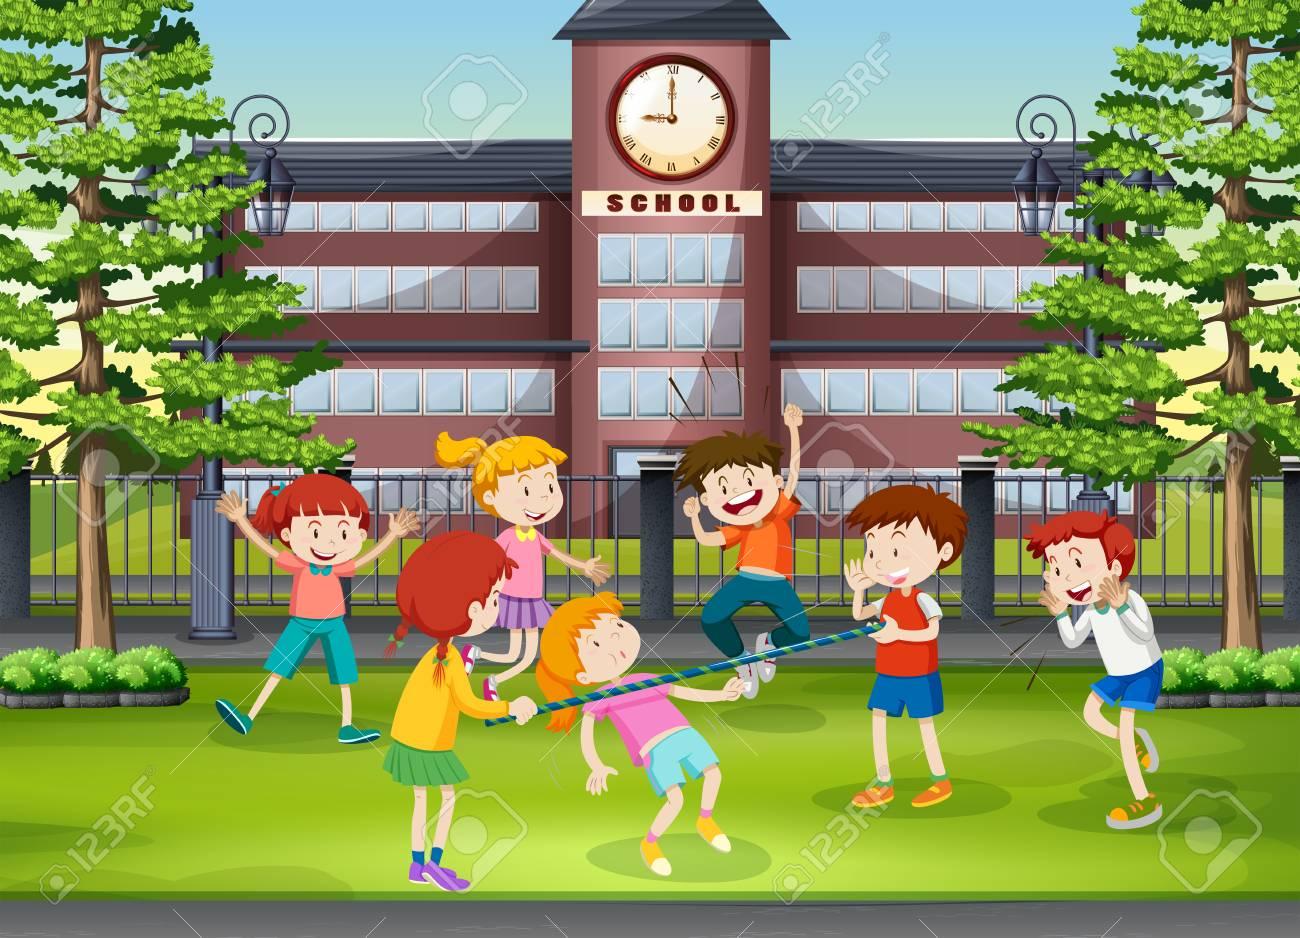 Muchos Niños Jugando En El Patio De La Escuela Ilustración Ilustraciones Vectoriales Clip Art Vectorizado Libre De Derechos Image 68517982